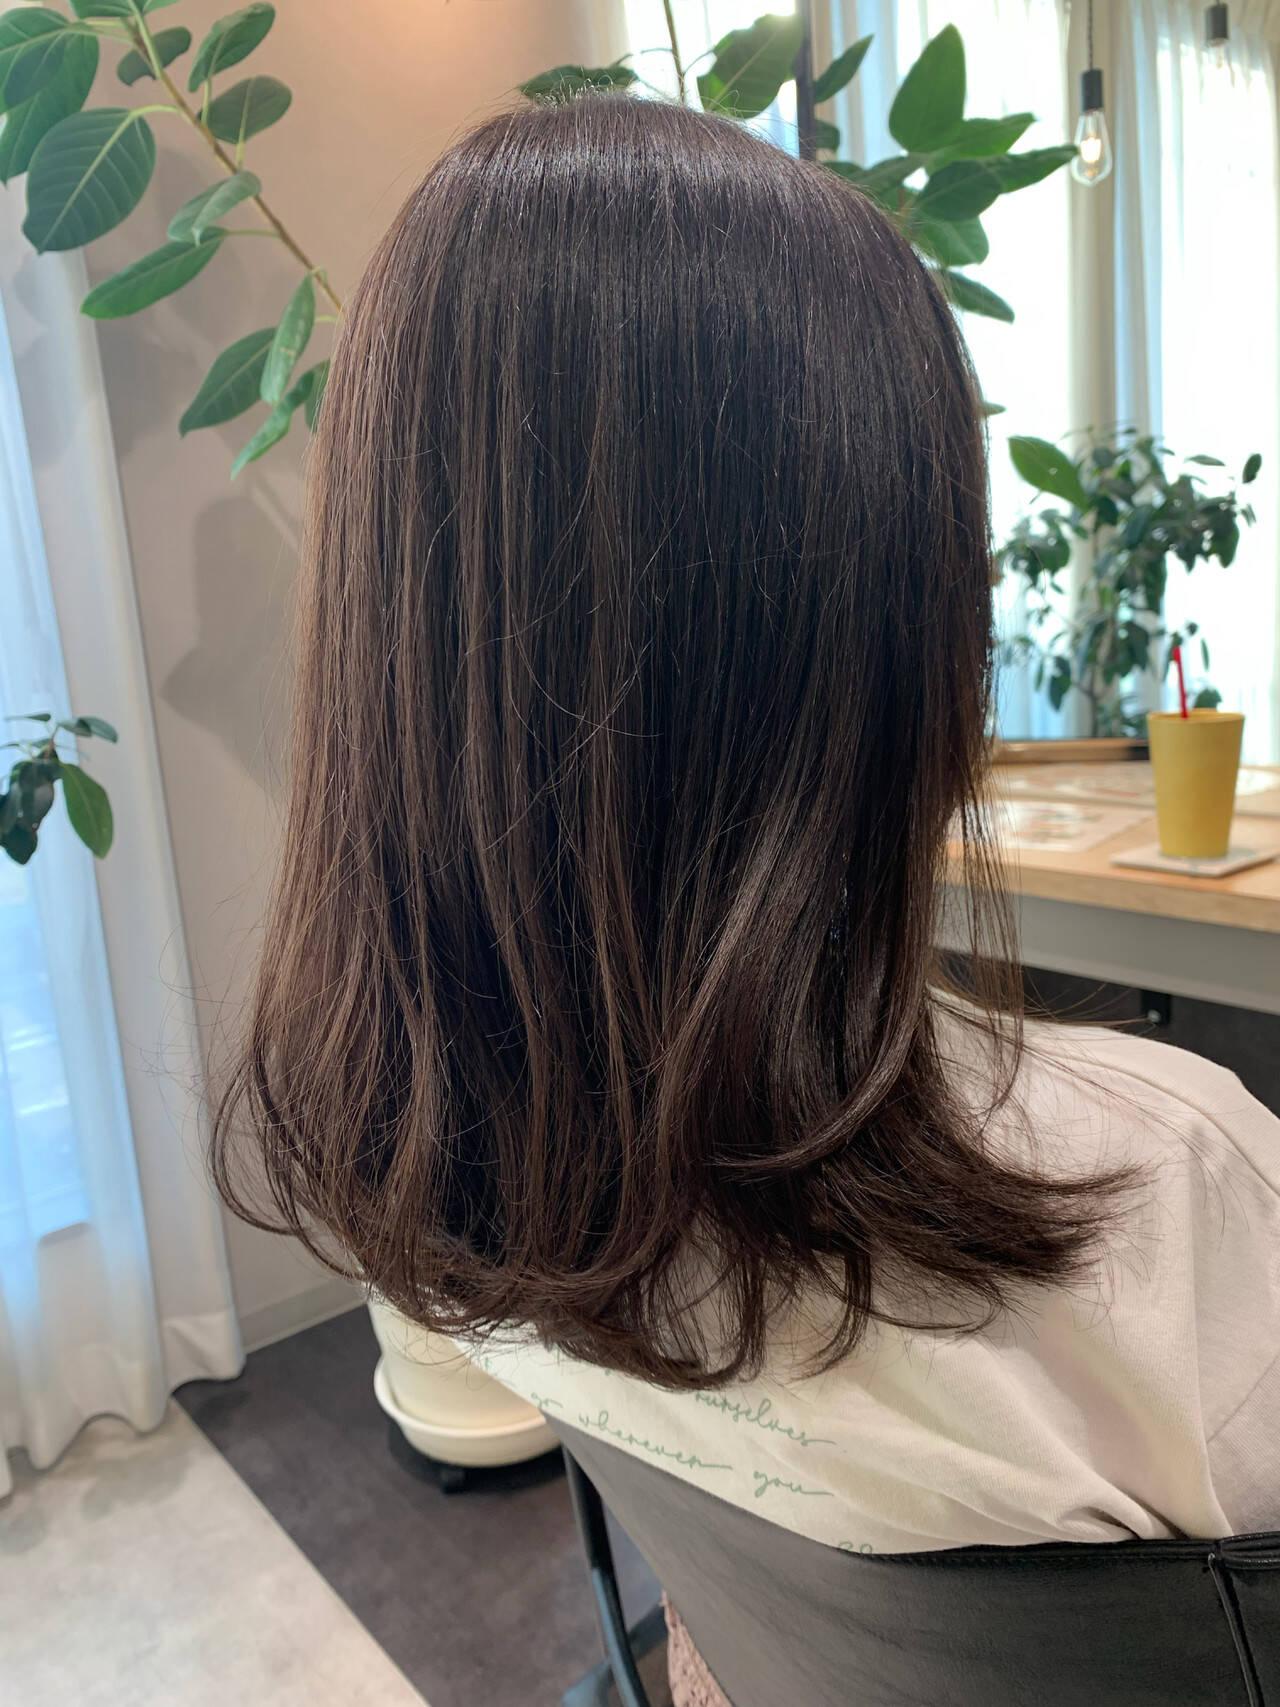 ナチュラル セミロング レイヤーカット 透明感カラーヘアスタイルや髪型の写真・画像